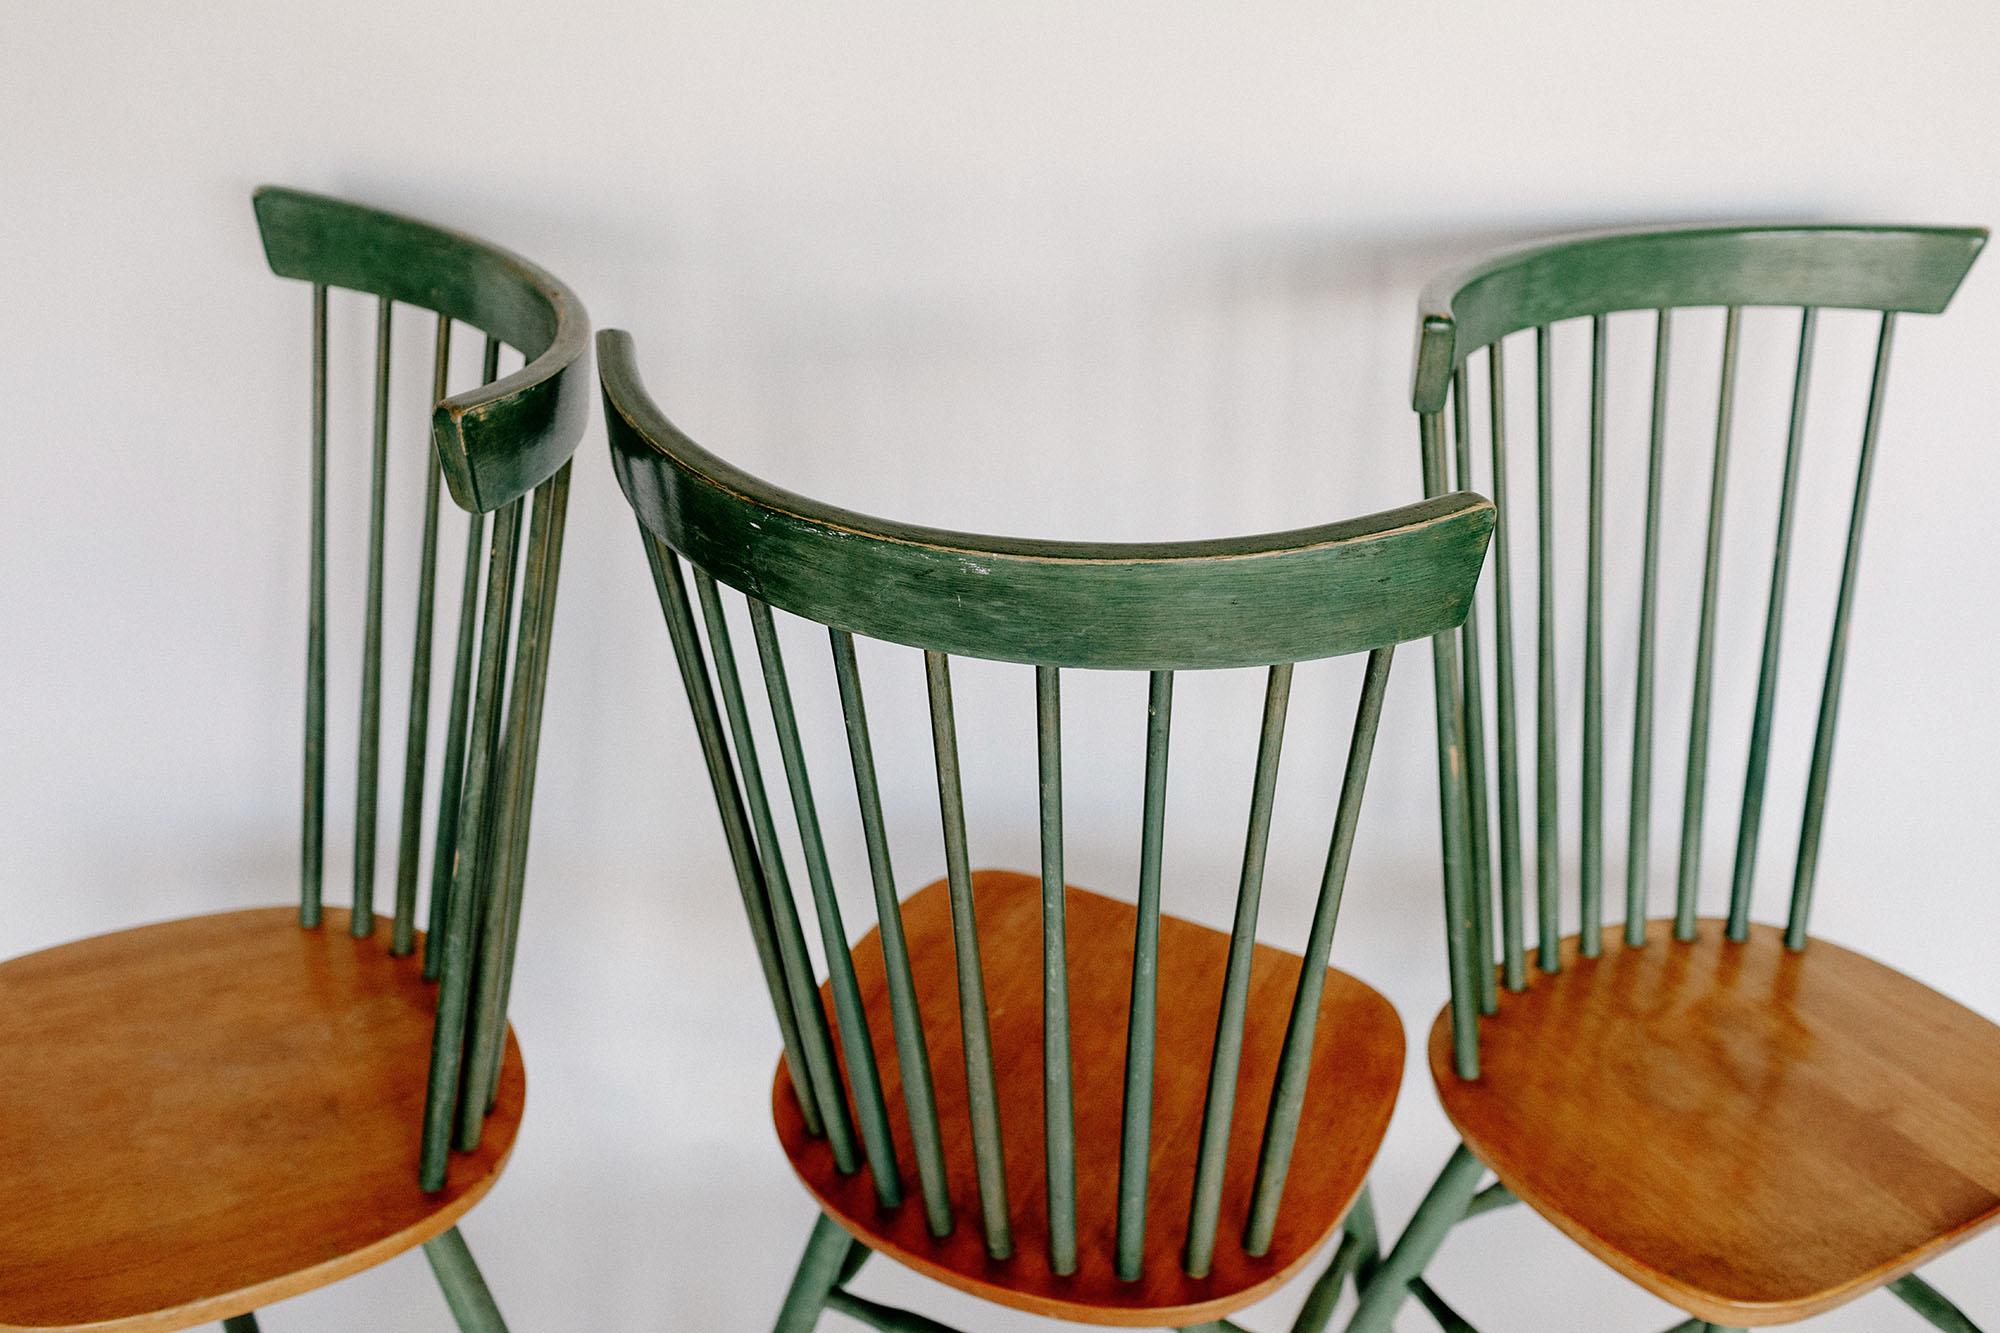 Green Farmhouse Chairs